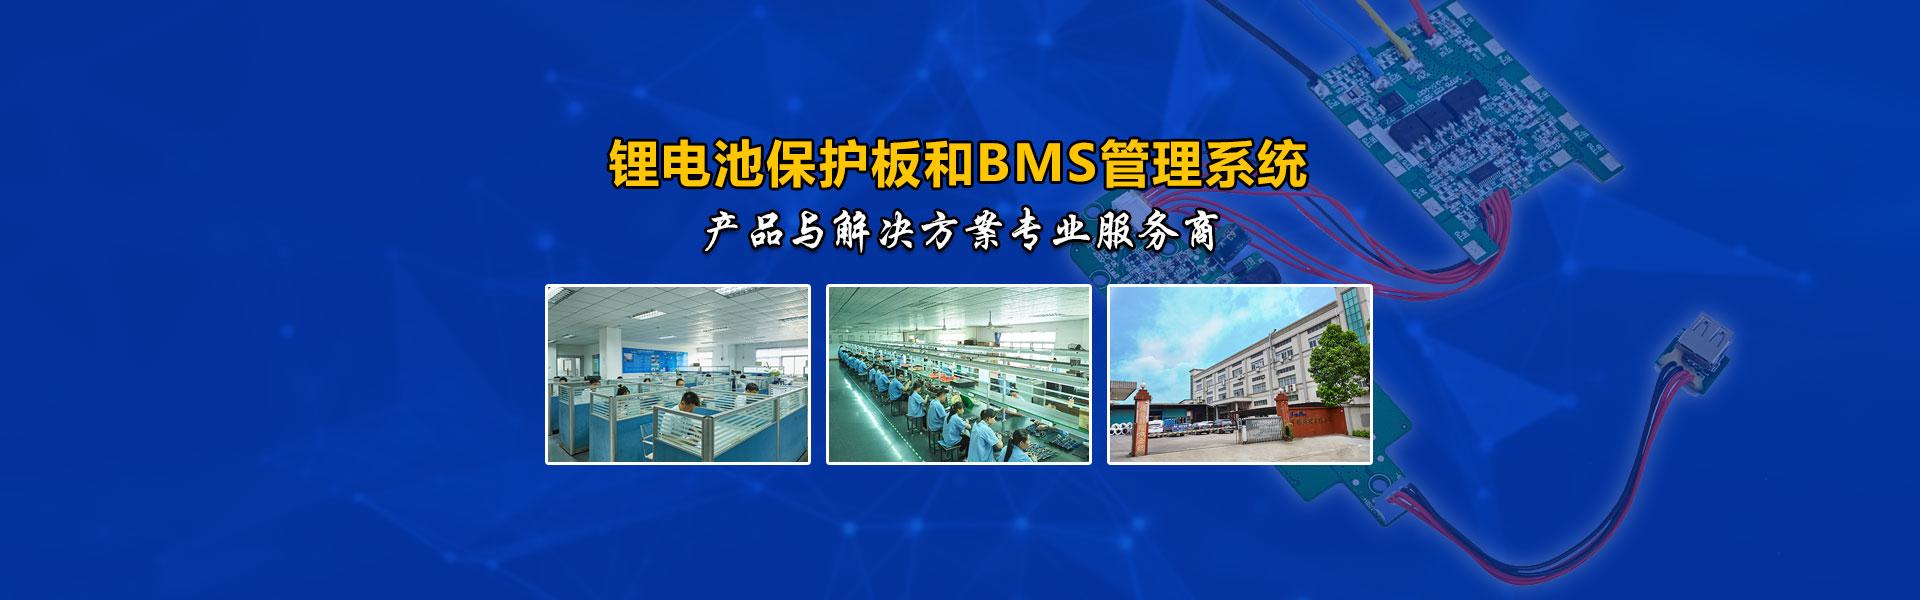 东莞市百维科技有限公司,百维保护板,电池包保护板专业生产商